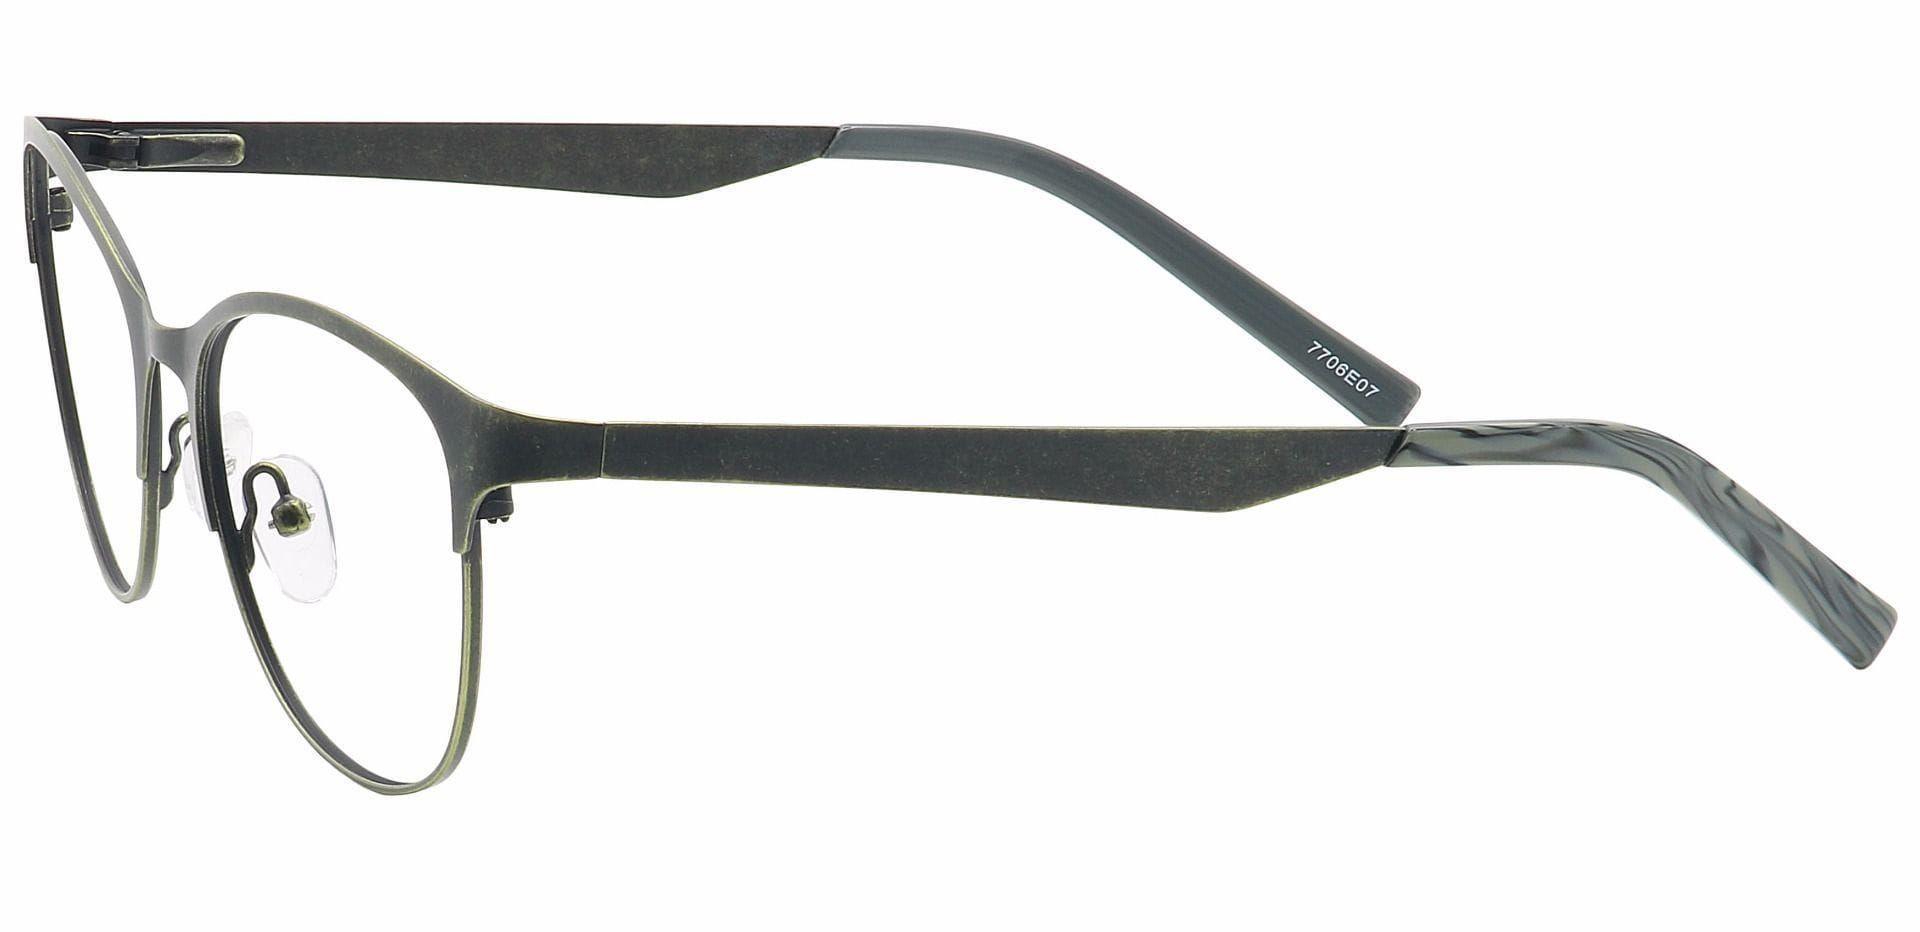 Feli Cat-Eye Eyeglasses Frame - Green